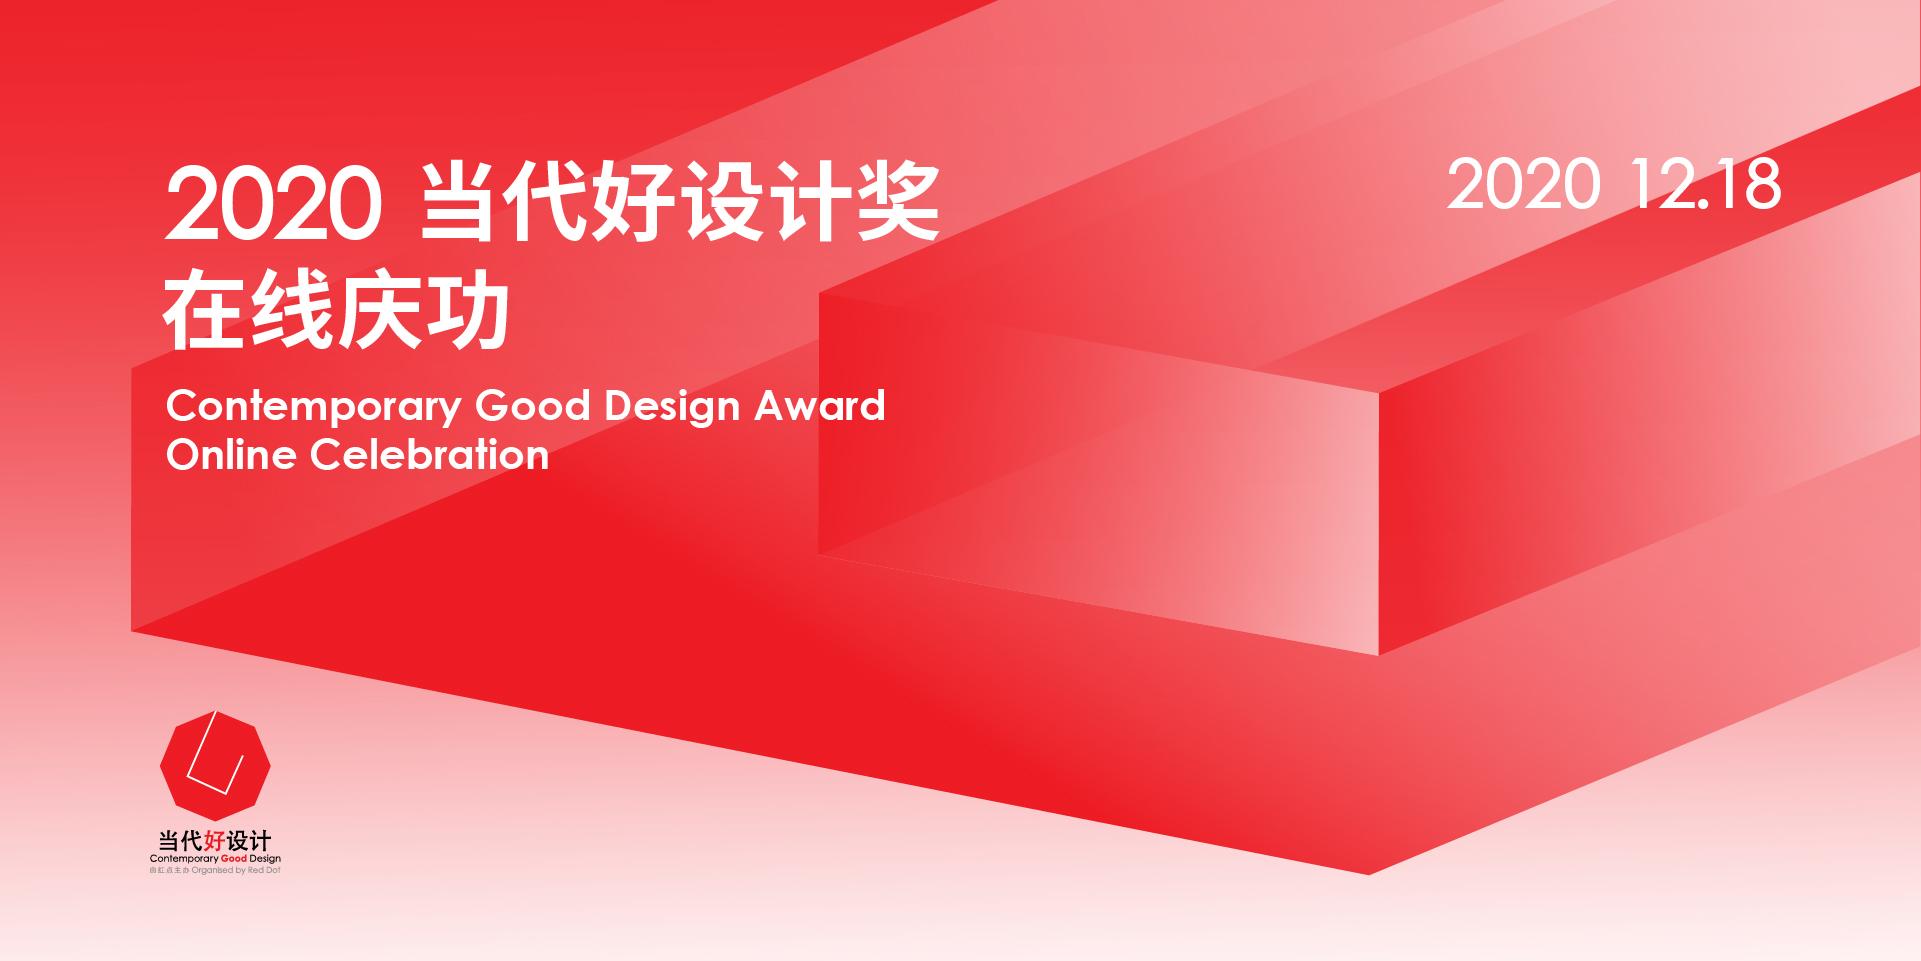 2020当代好设计奖在线庆功